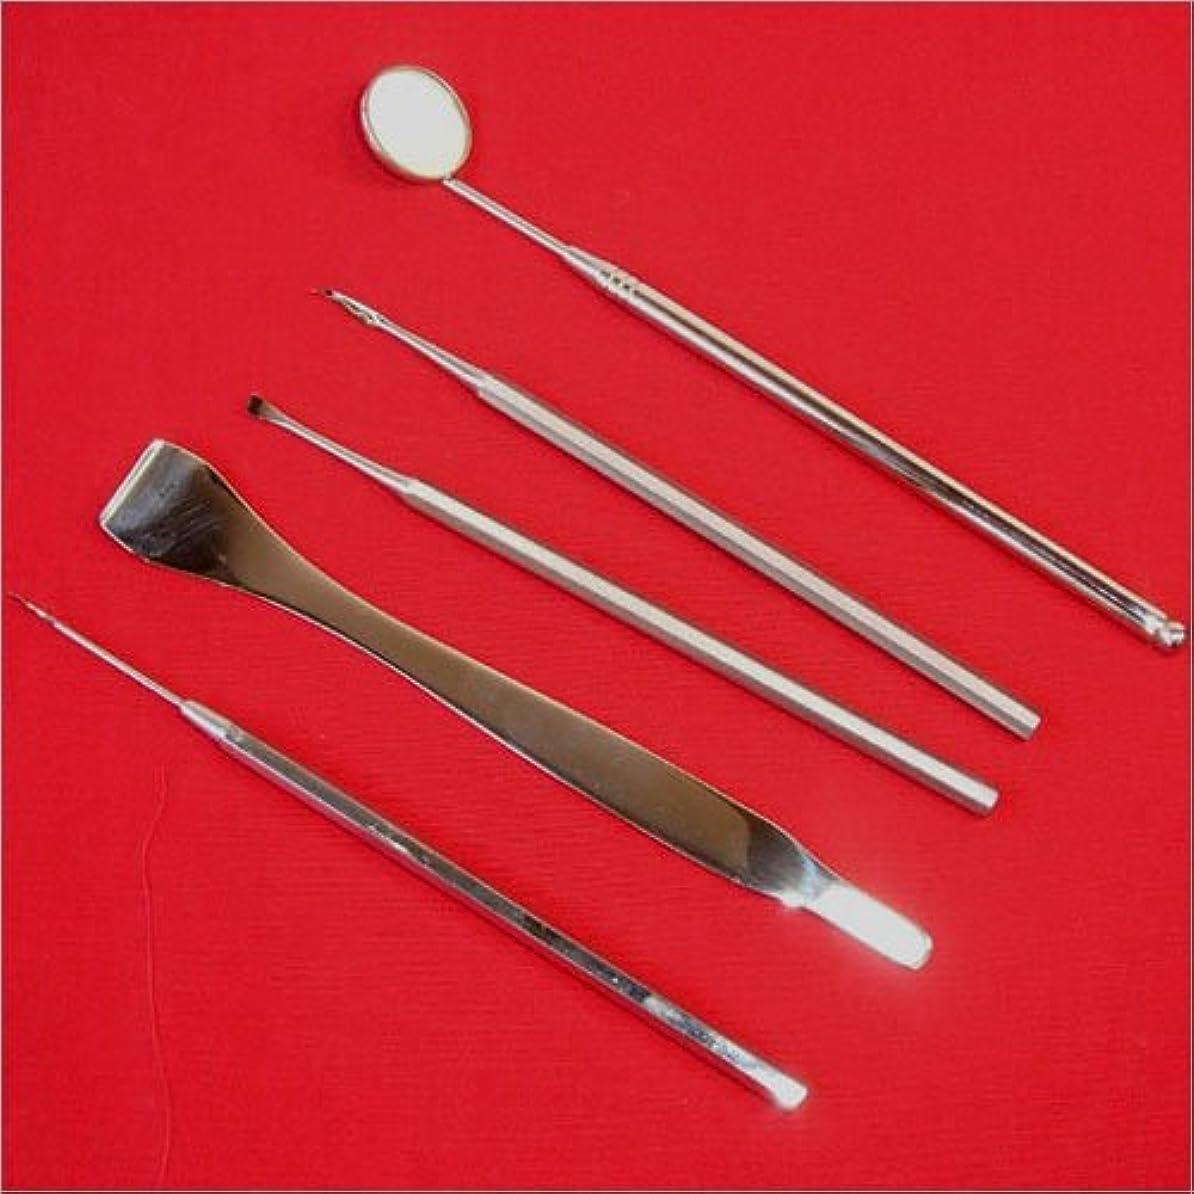 リラックスプロテスタント熟達した岐阜県関の伝統 歯石取りデンタルケアセット